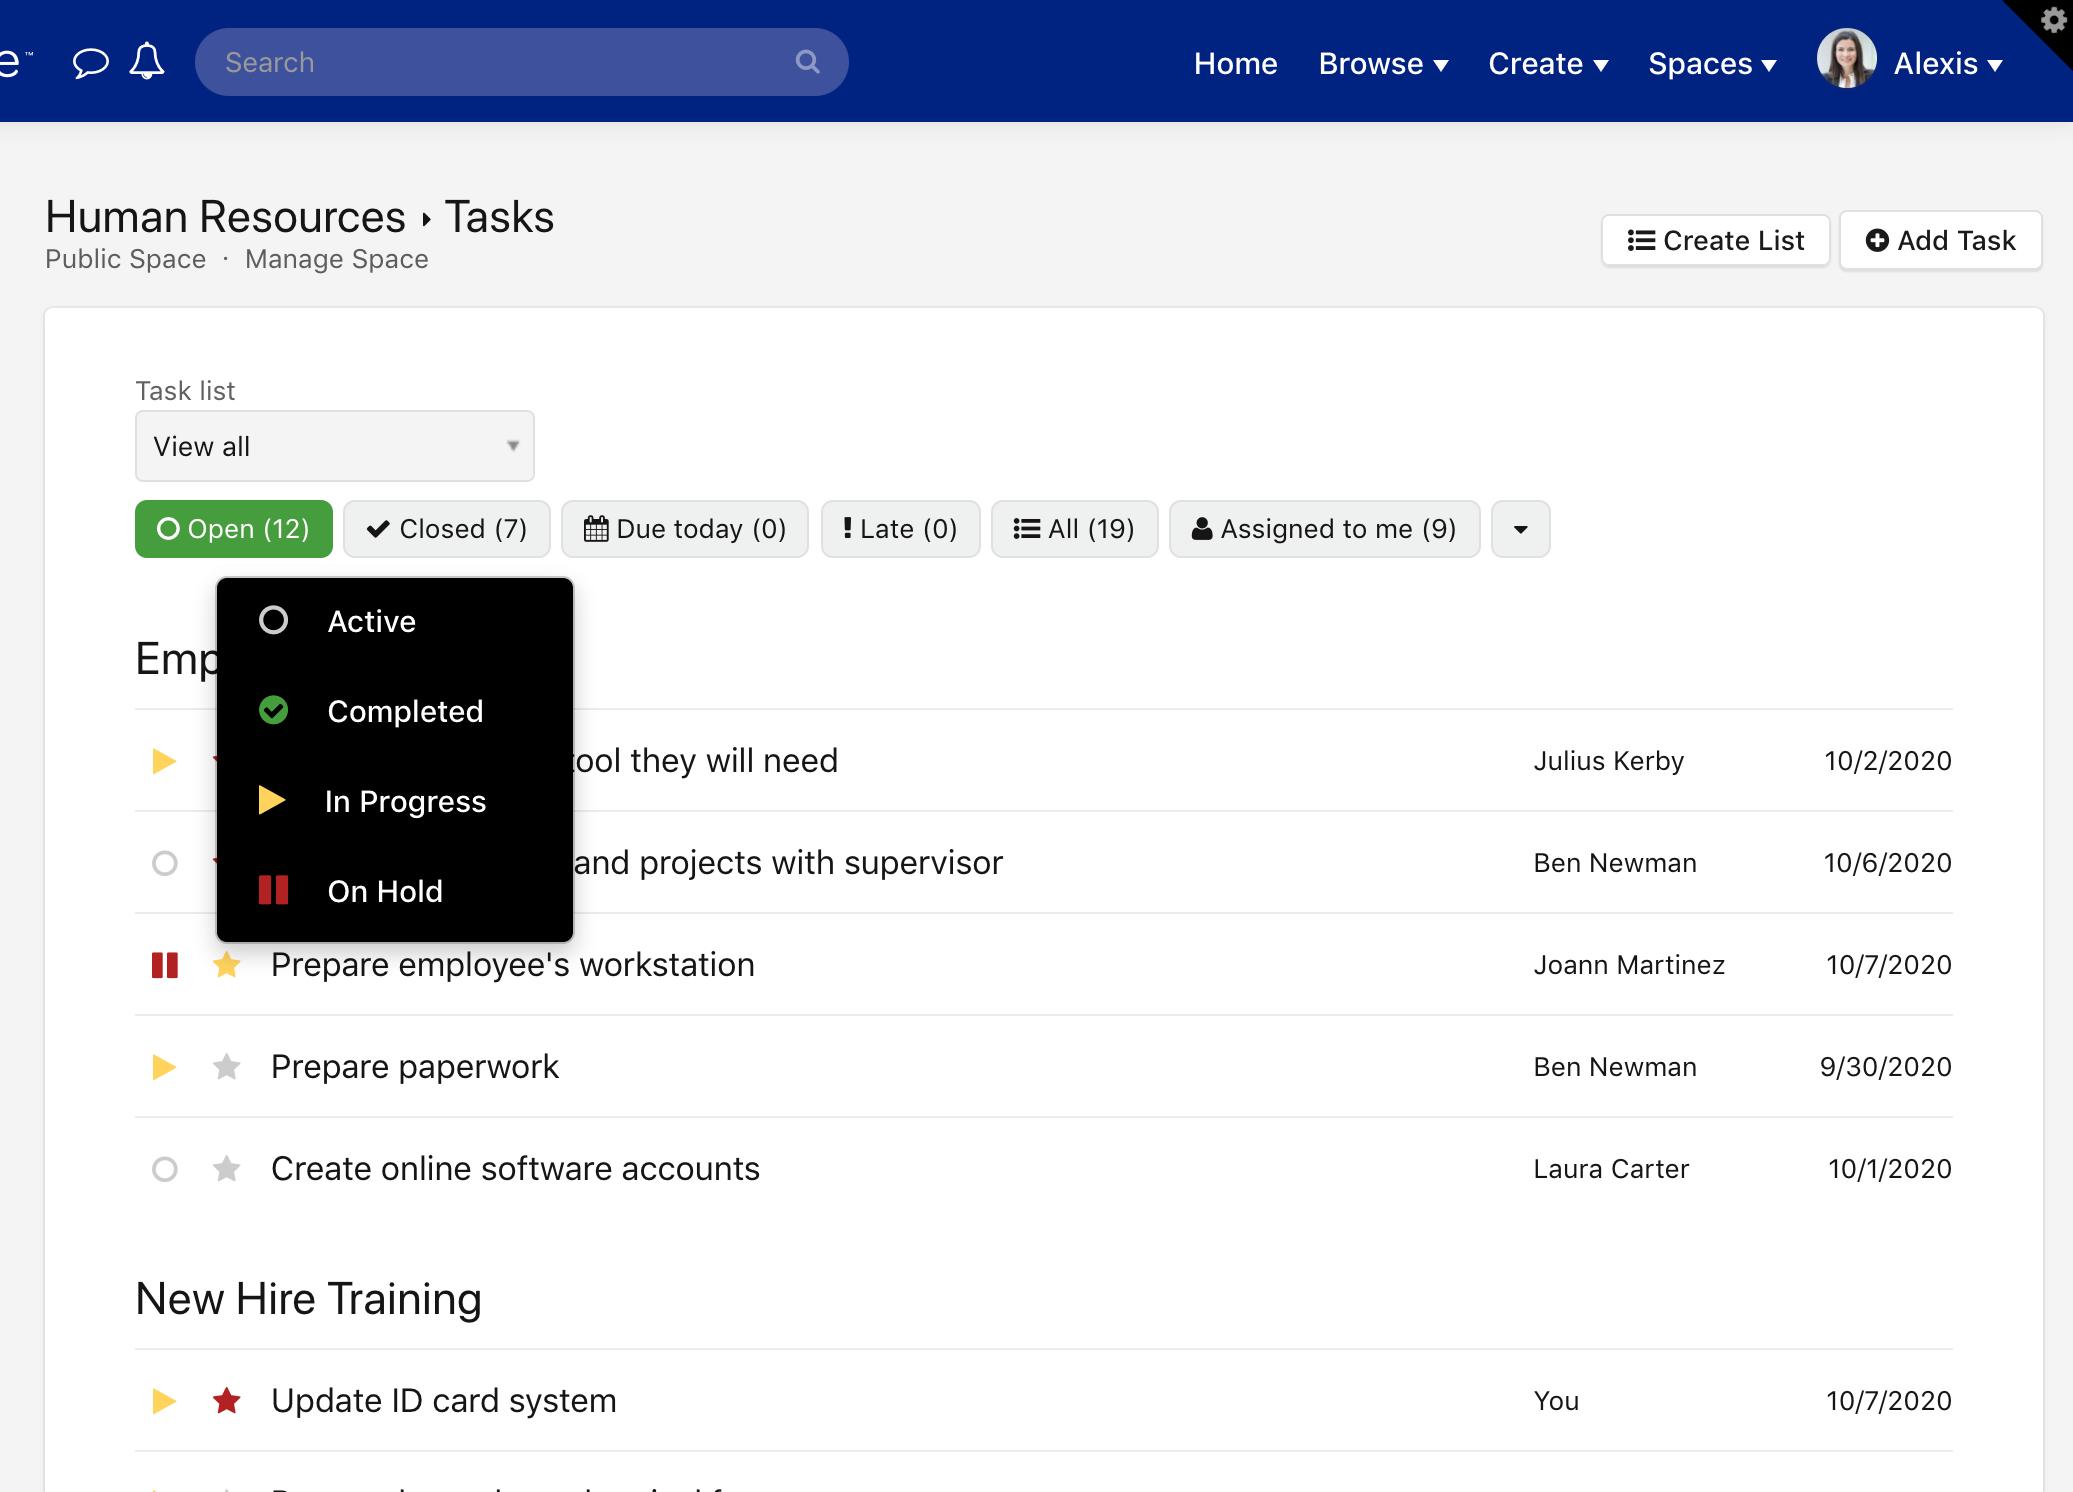 Task status menu